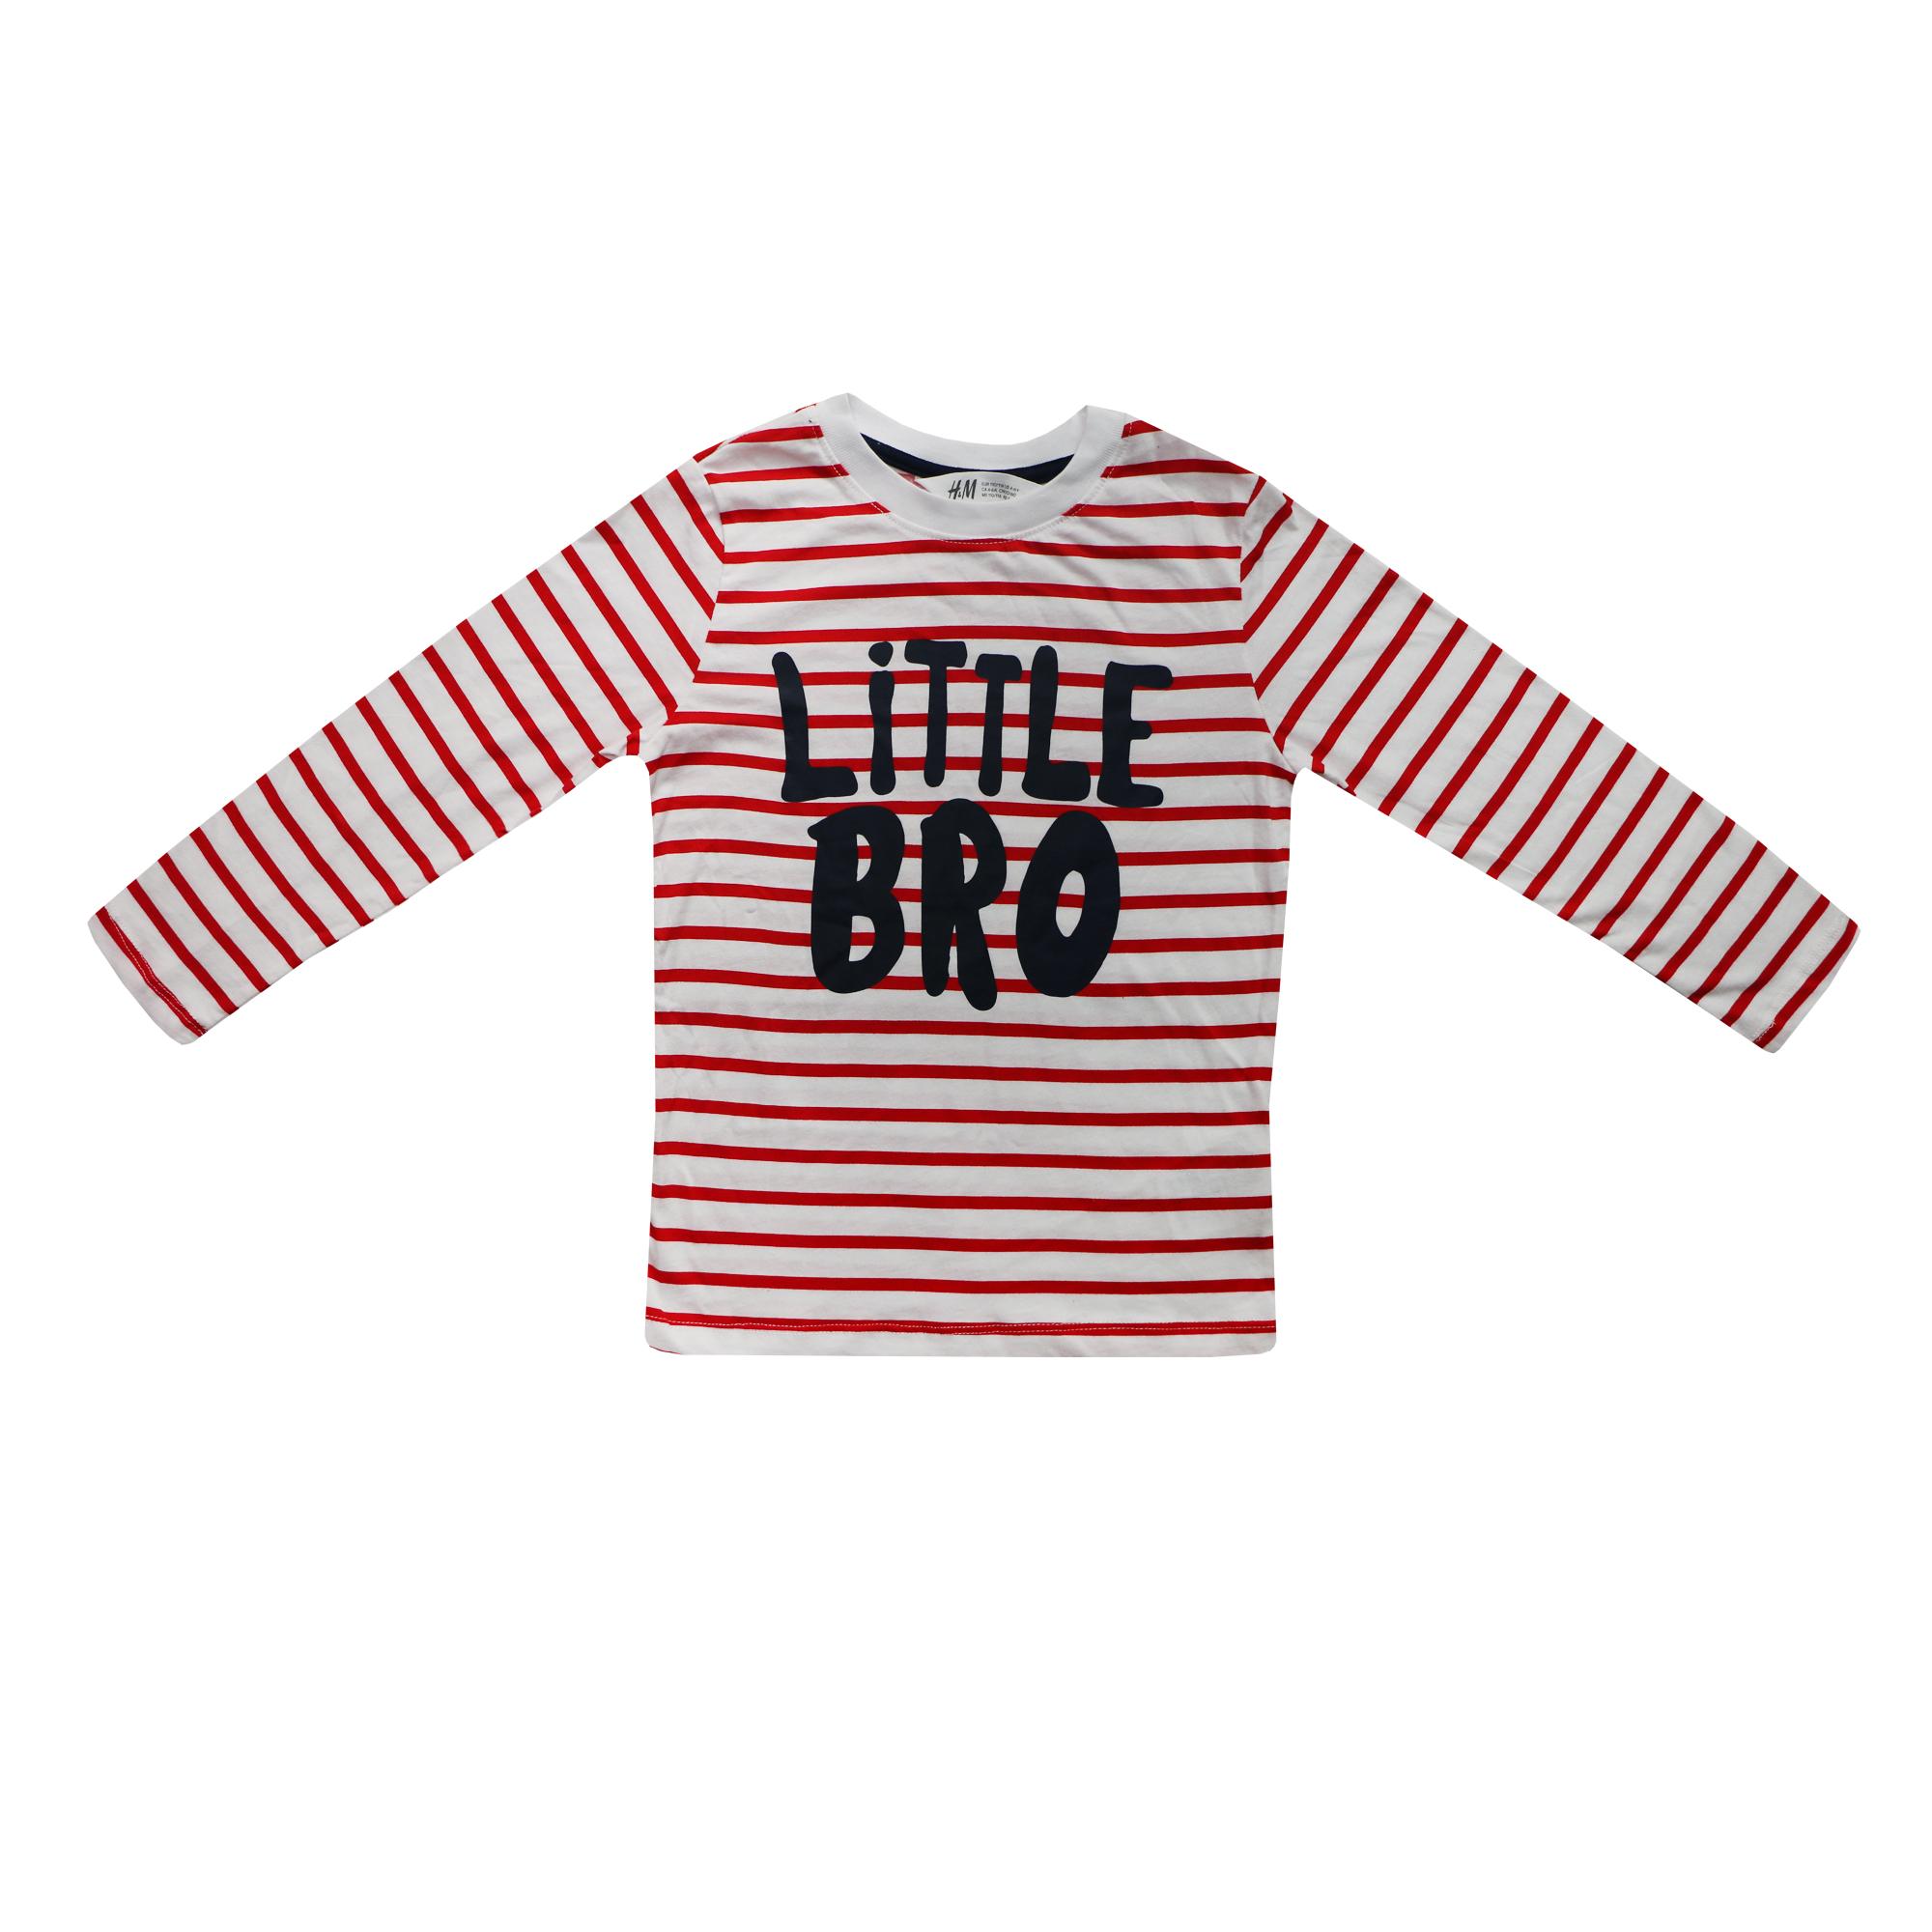 تی شرت آستین بلند دخترانه اچ اند ام مدل Little BRO